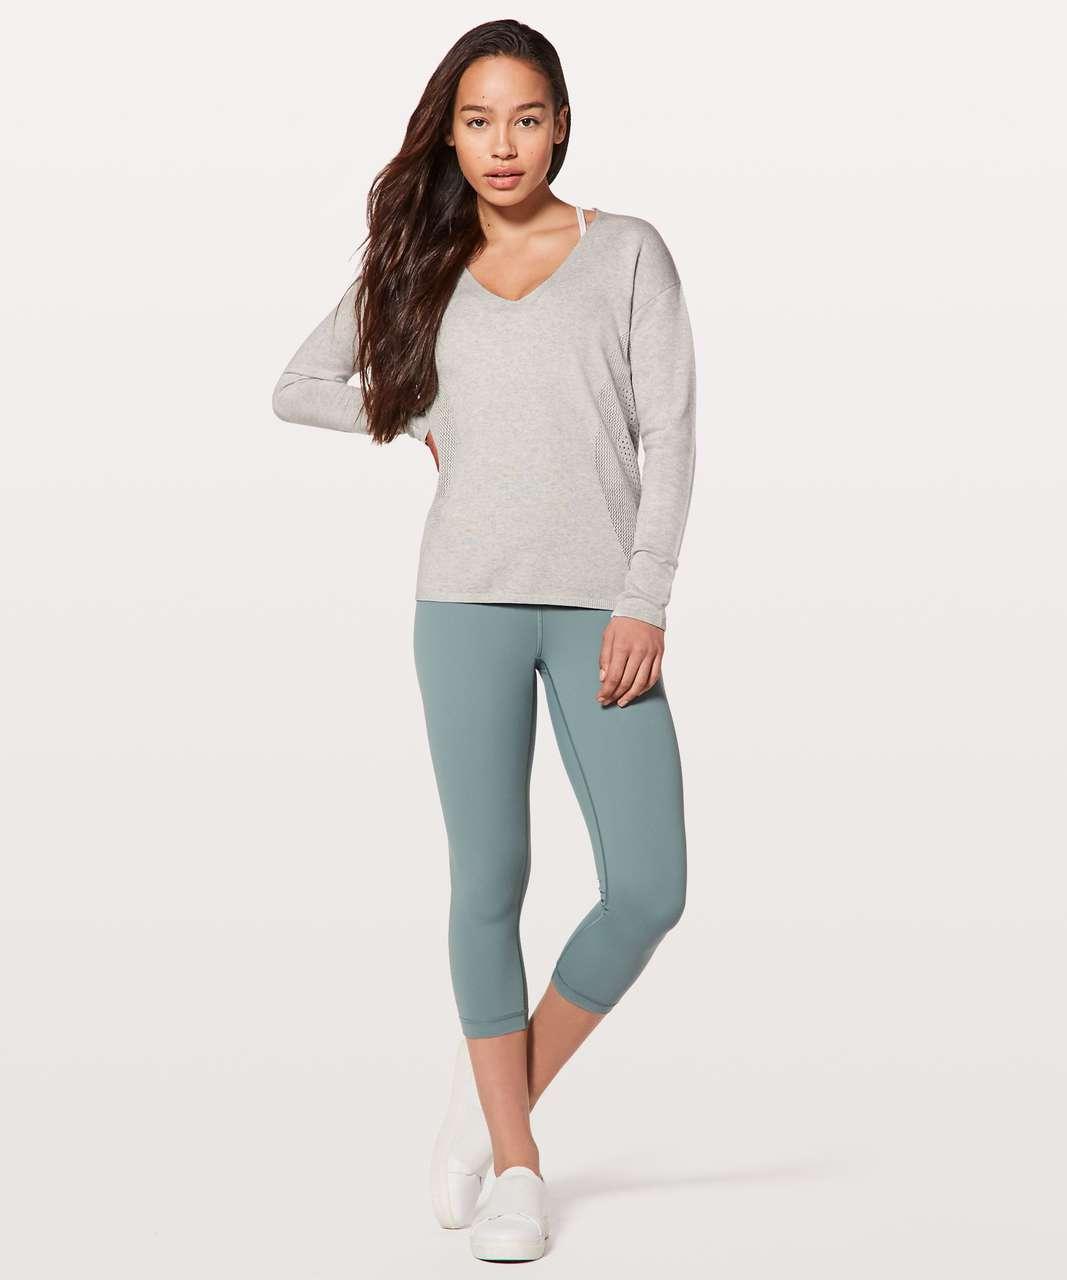 Lululemon Still Movement Sweater - Heathered Nimbus